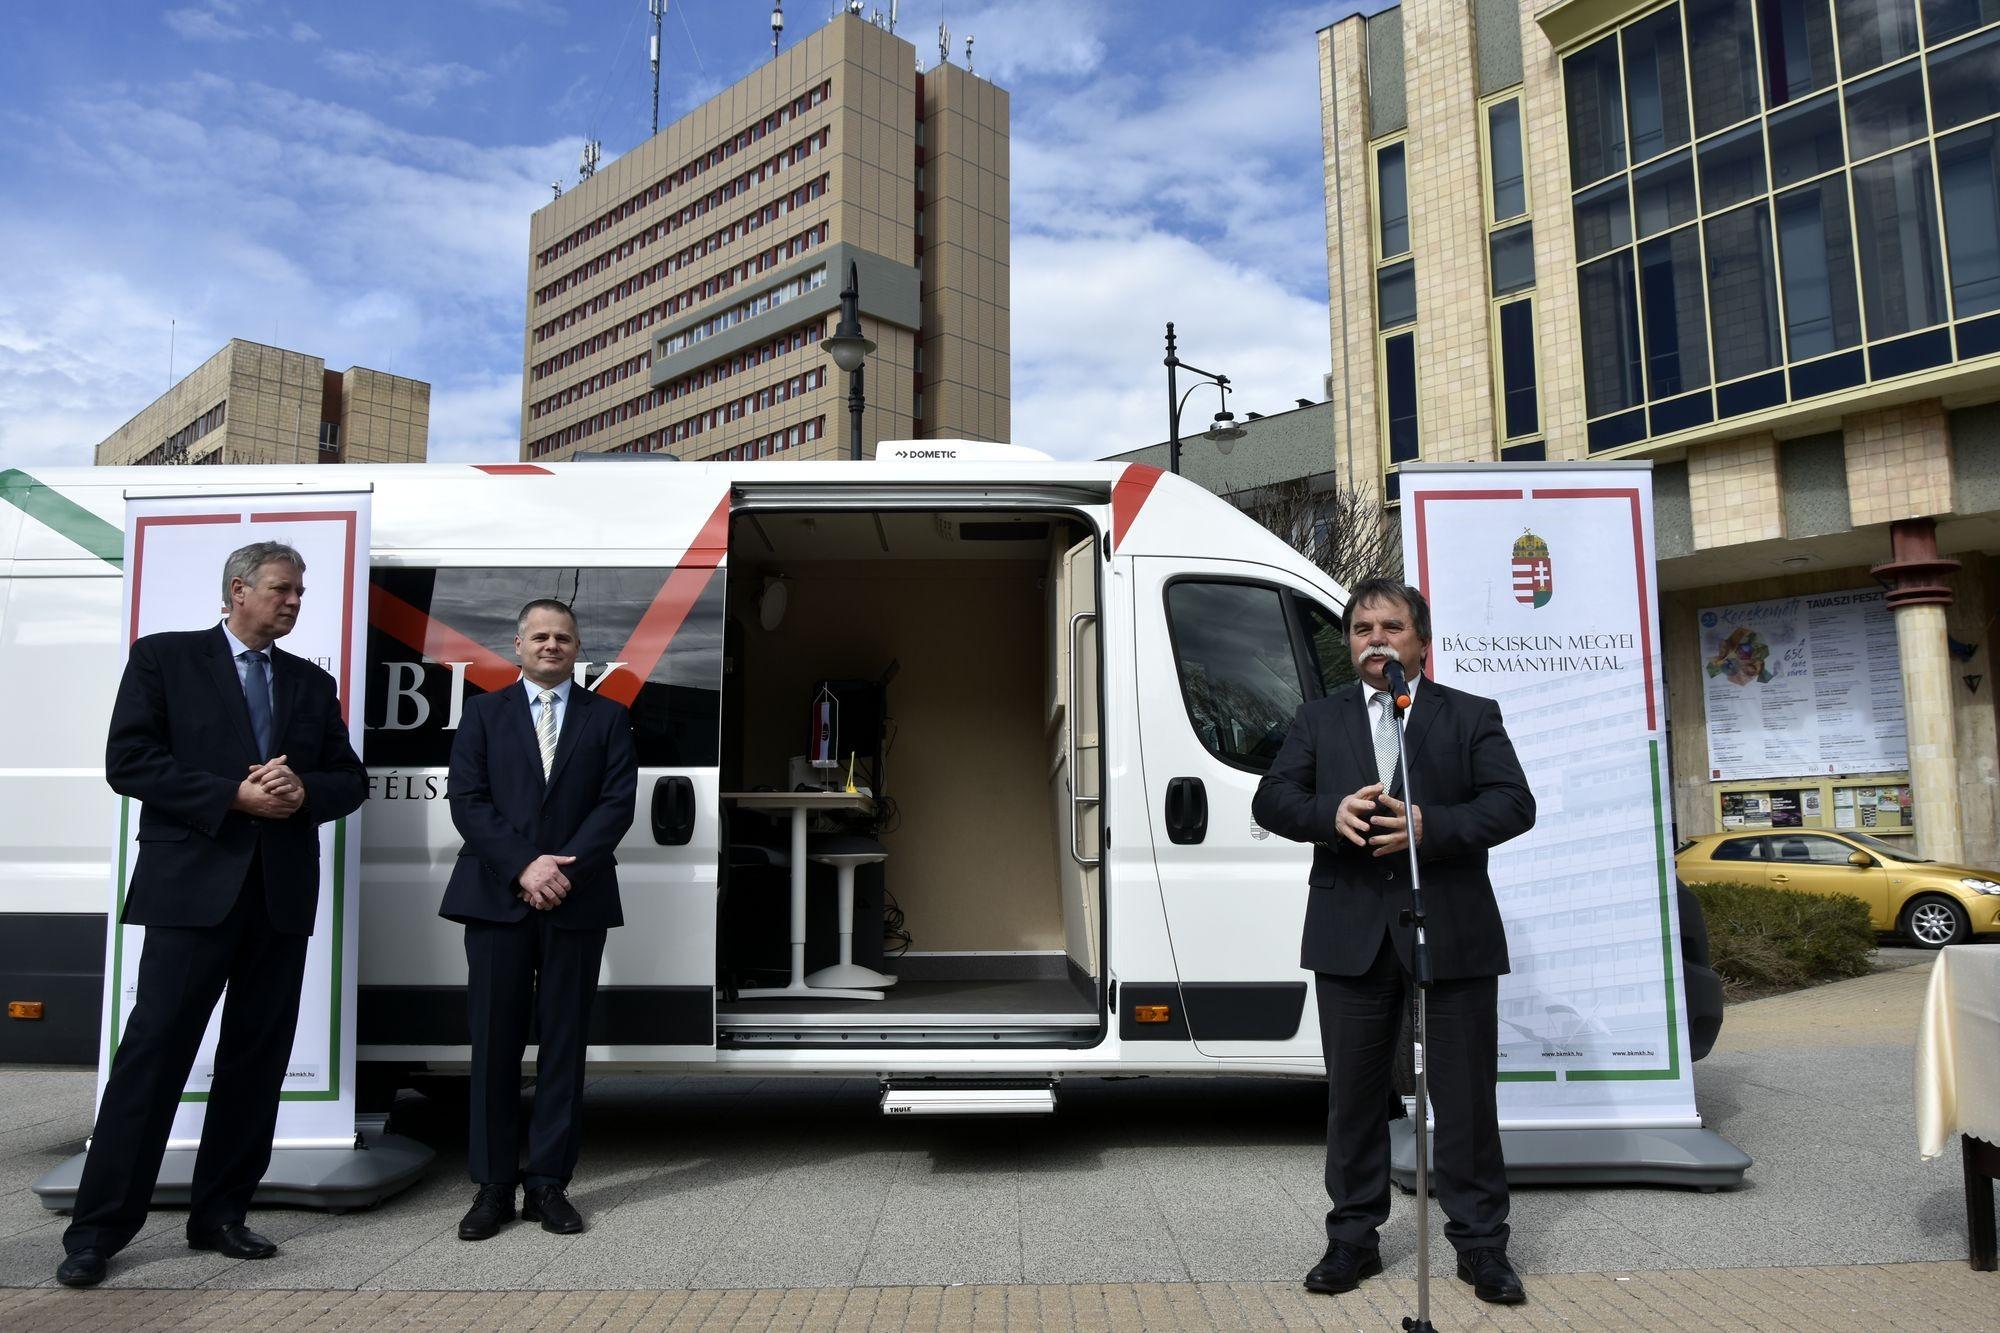 Busz segíti a Bács-Kiskun Megyei Kormányhivatal munkáját